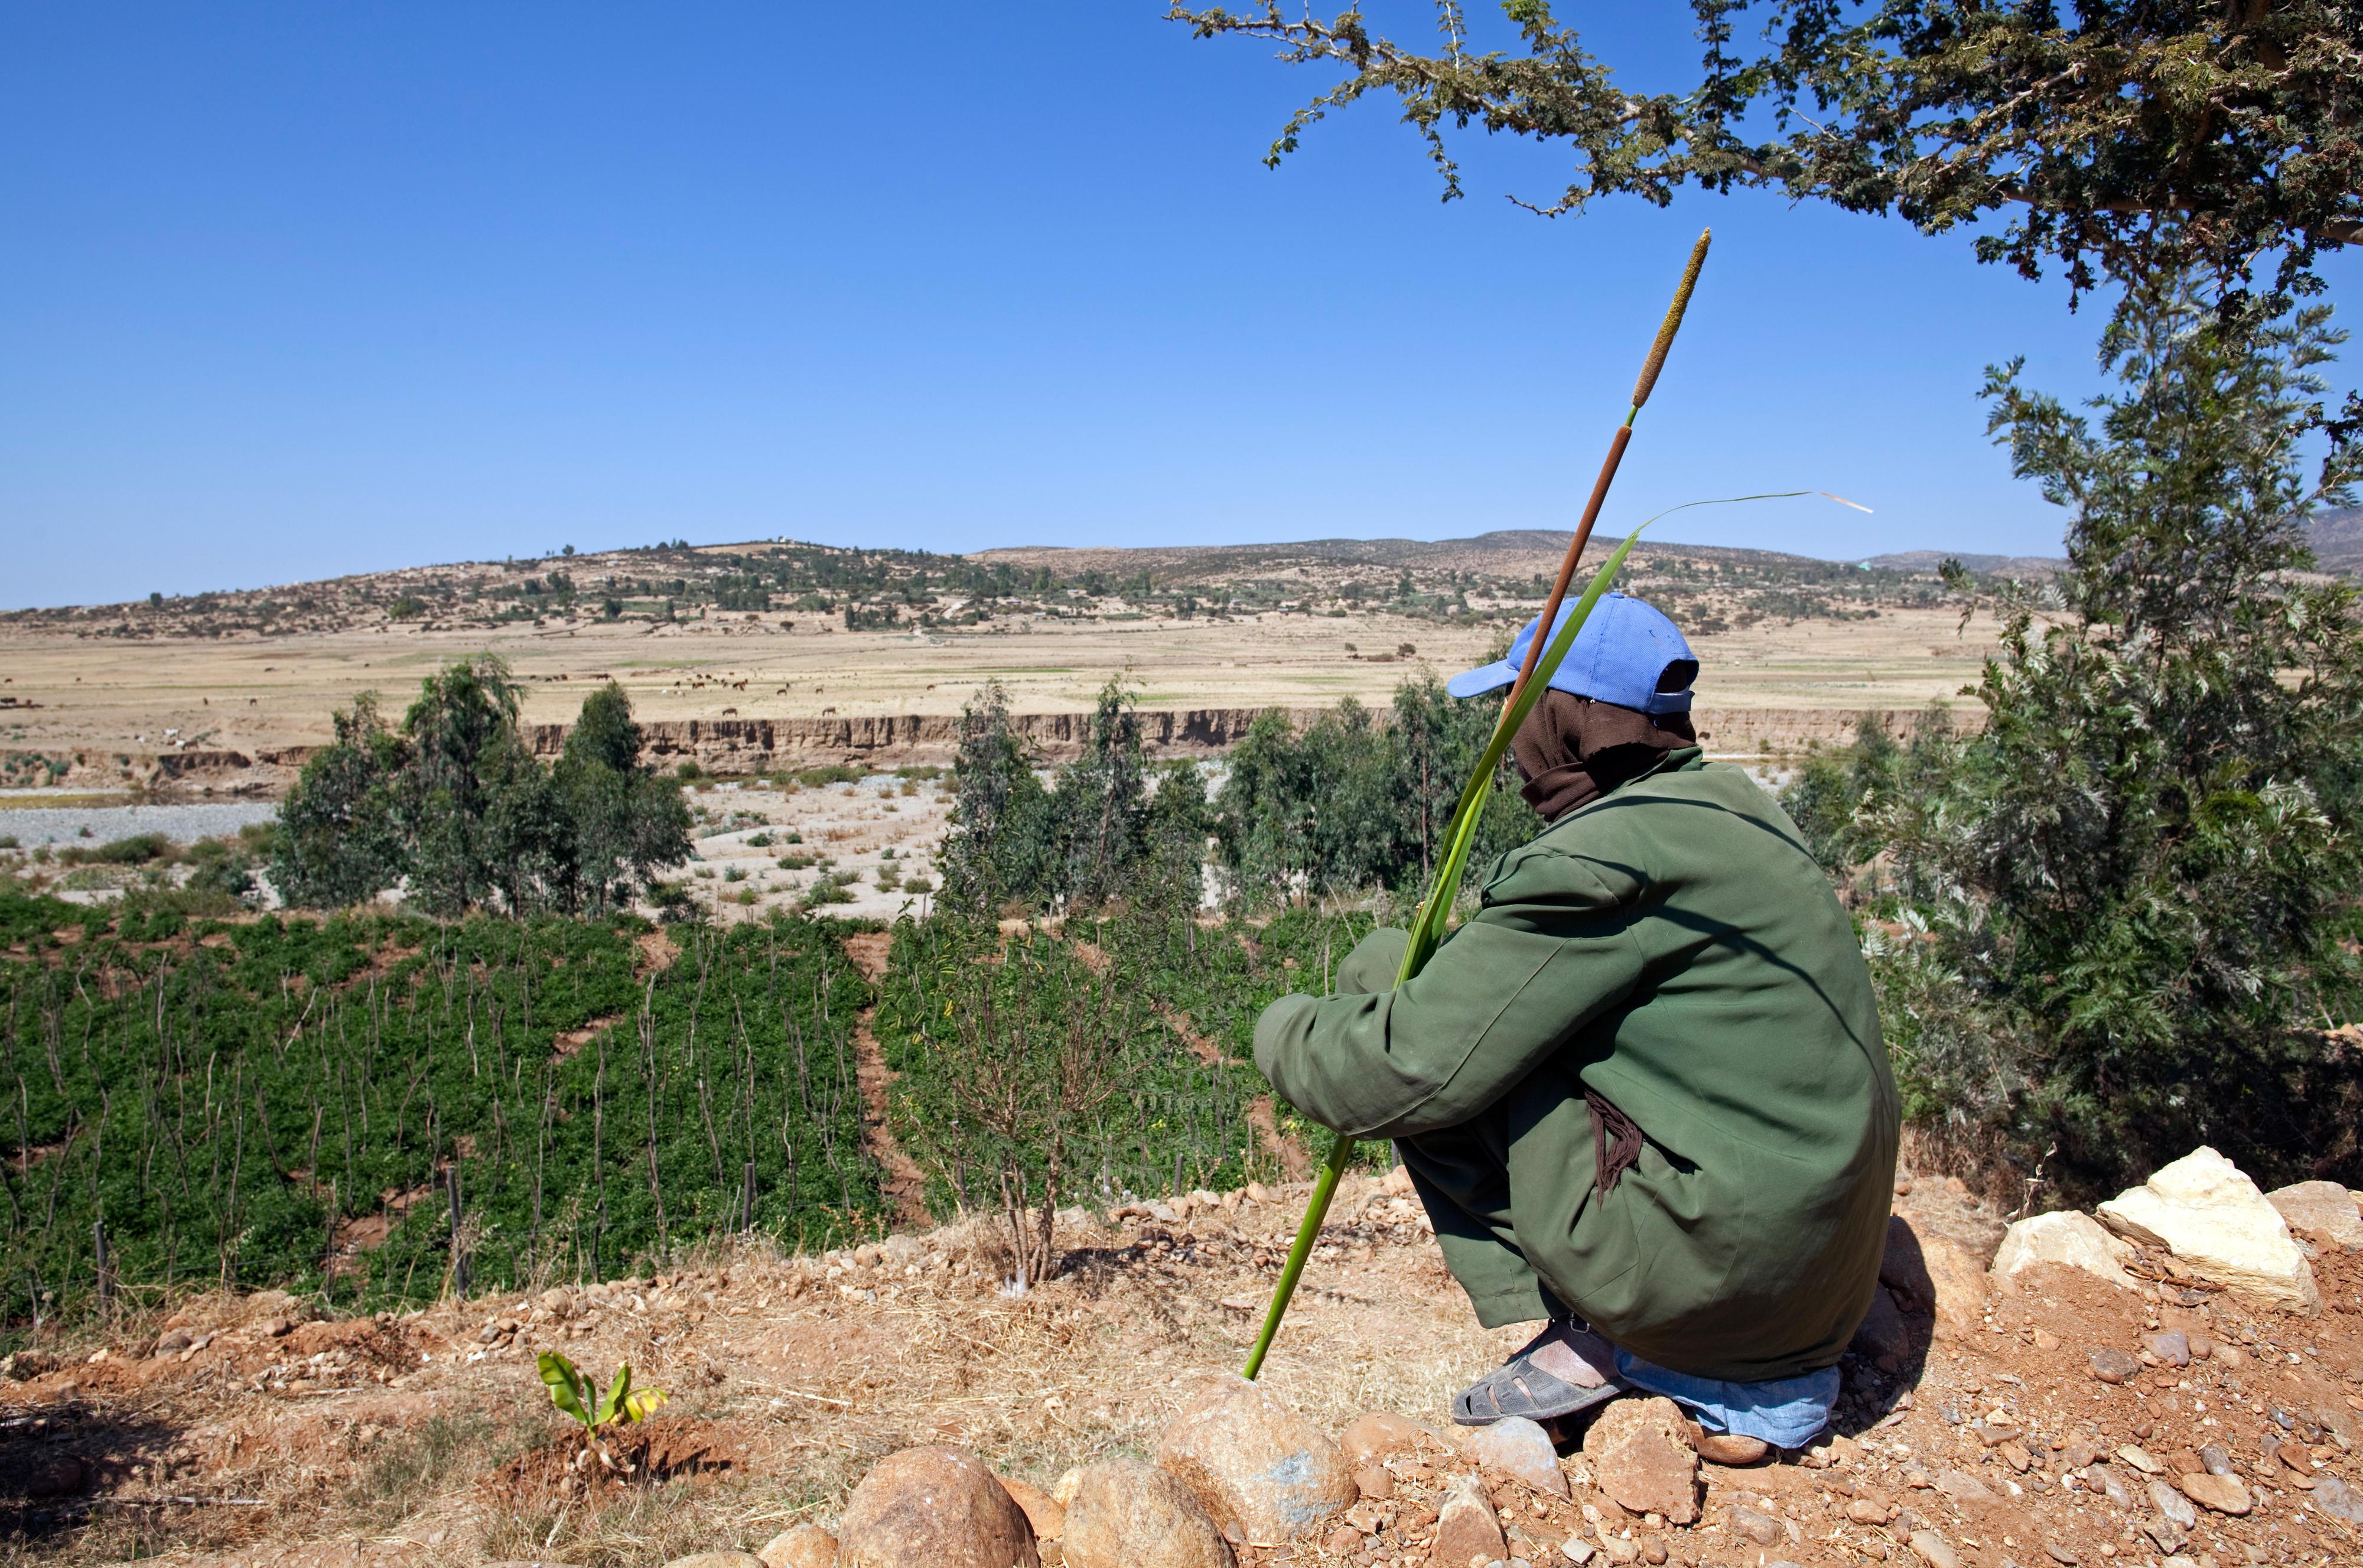 Ein Bauer blickt auf ein ausgetrocknetes Flussbett (Region Mekele in Nordäthiopien).